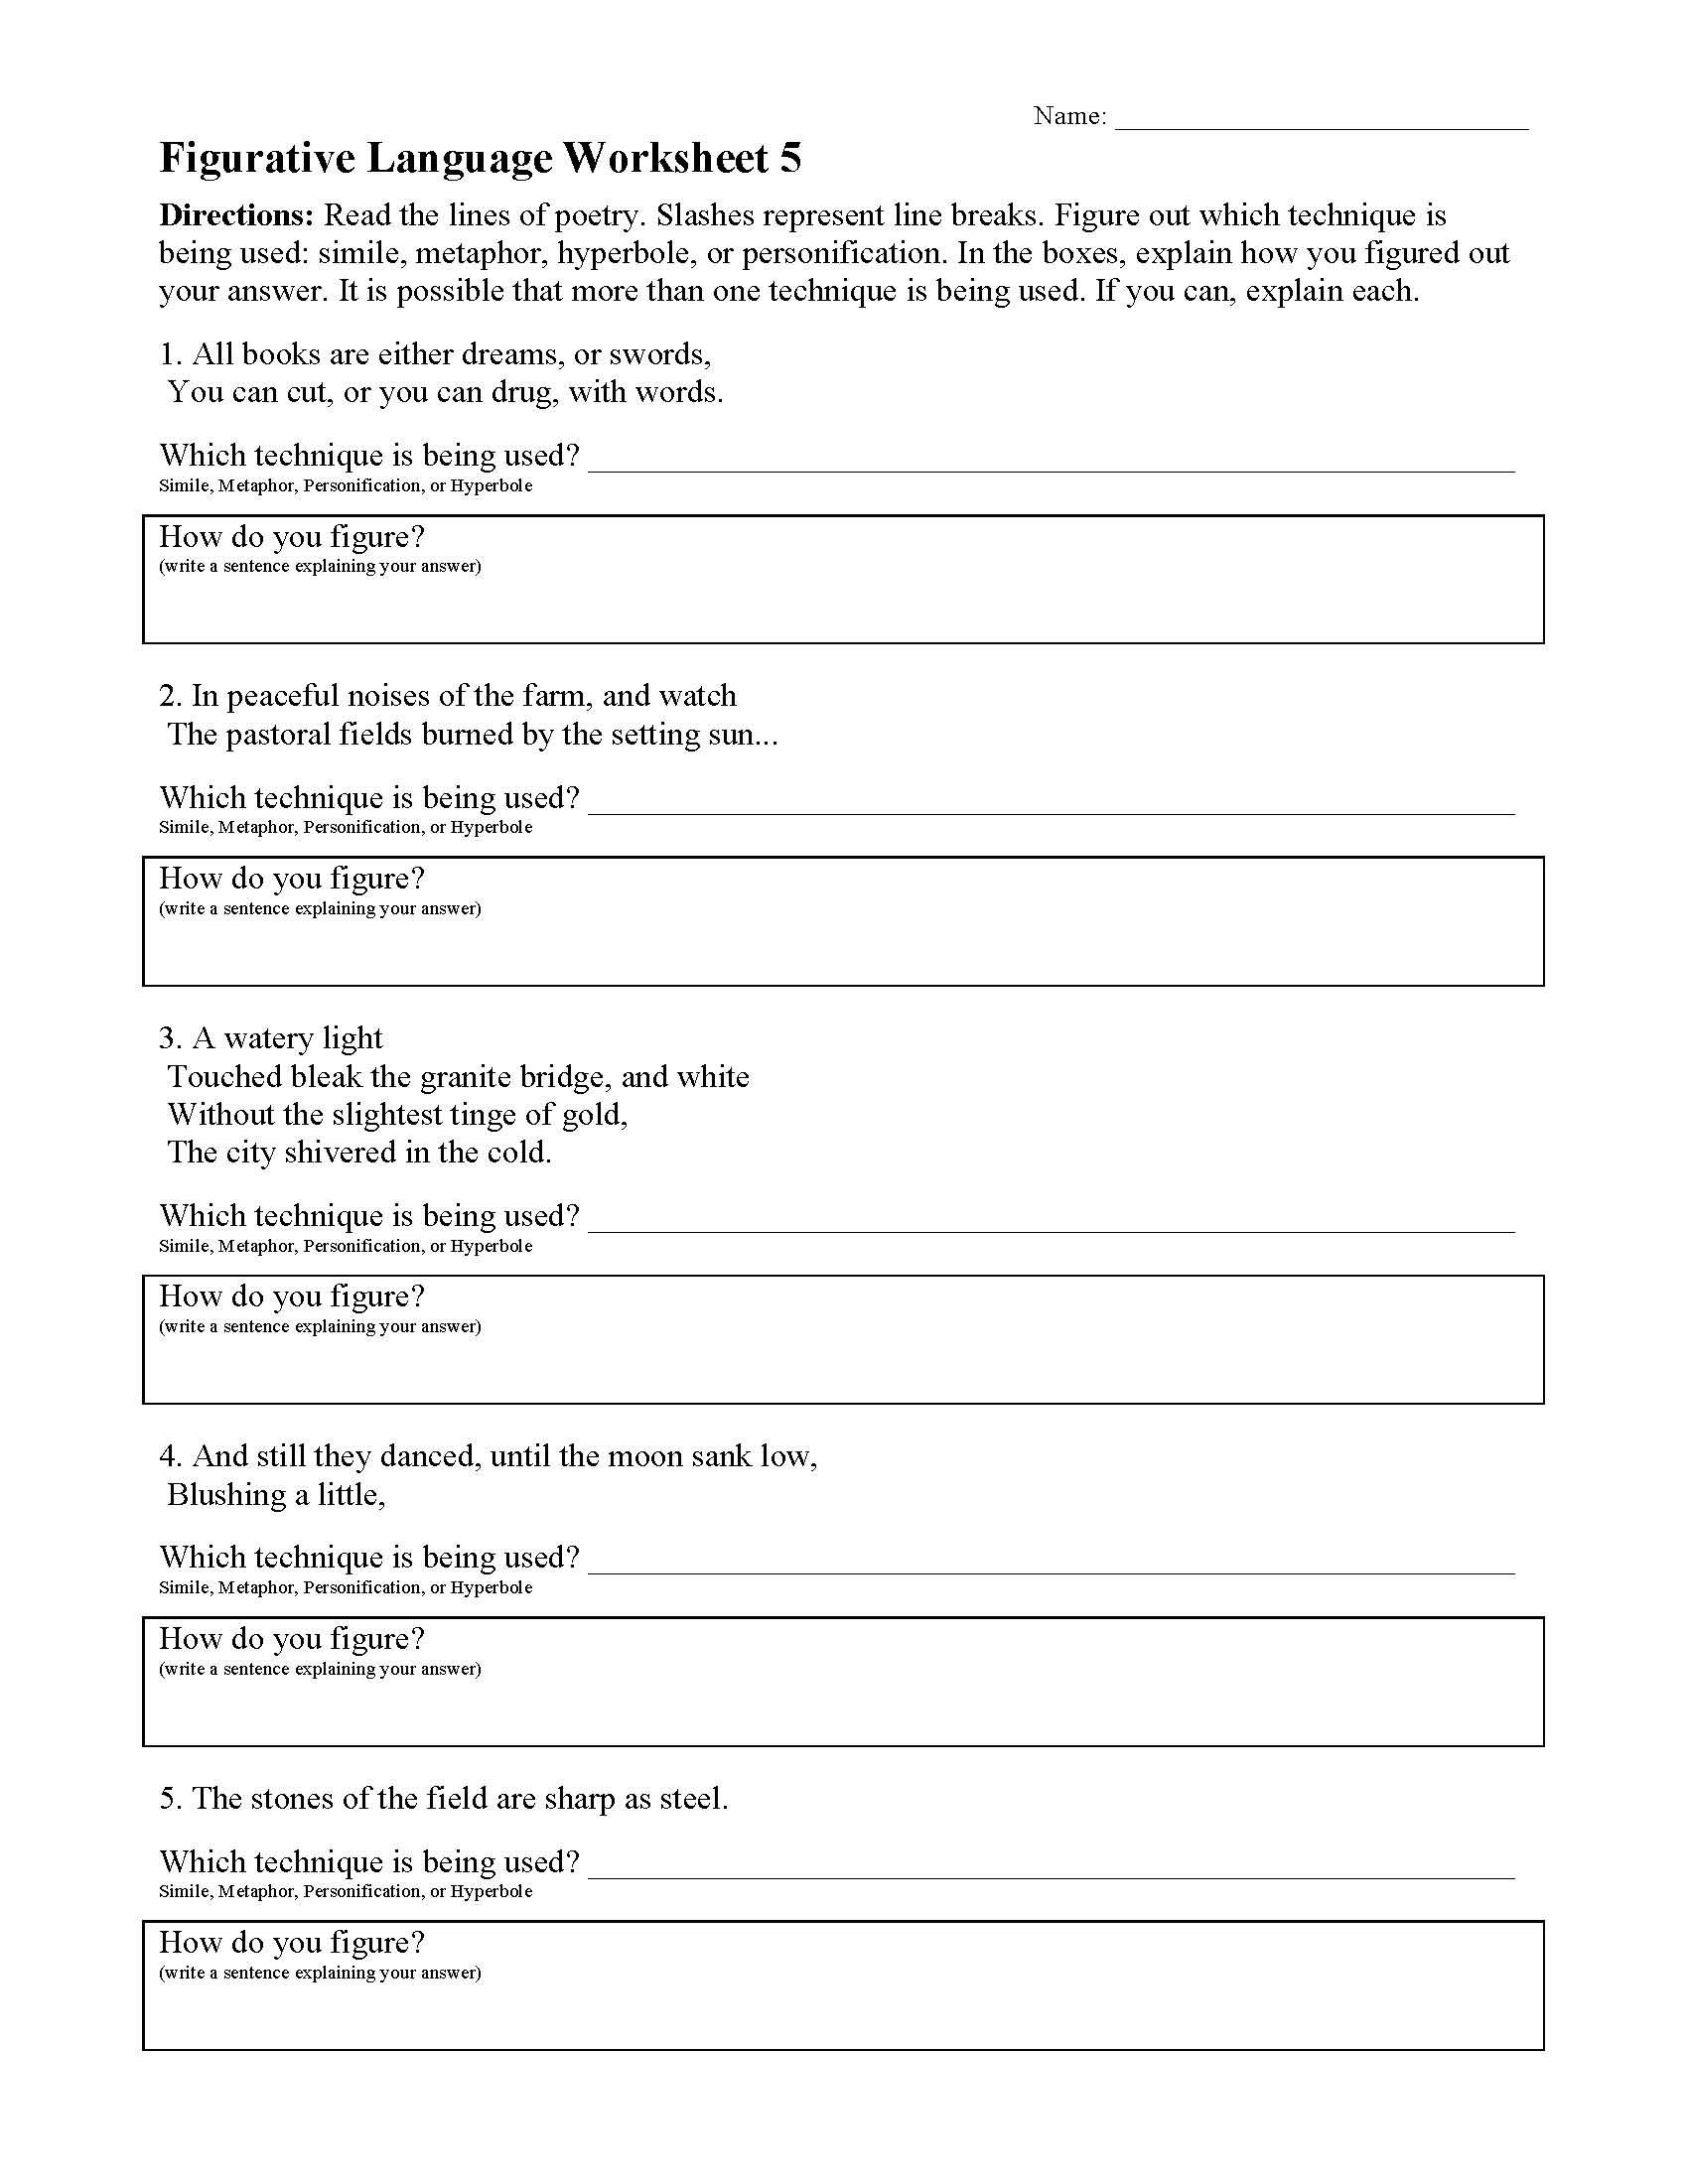 Using Figurative Language Worksheet